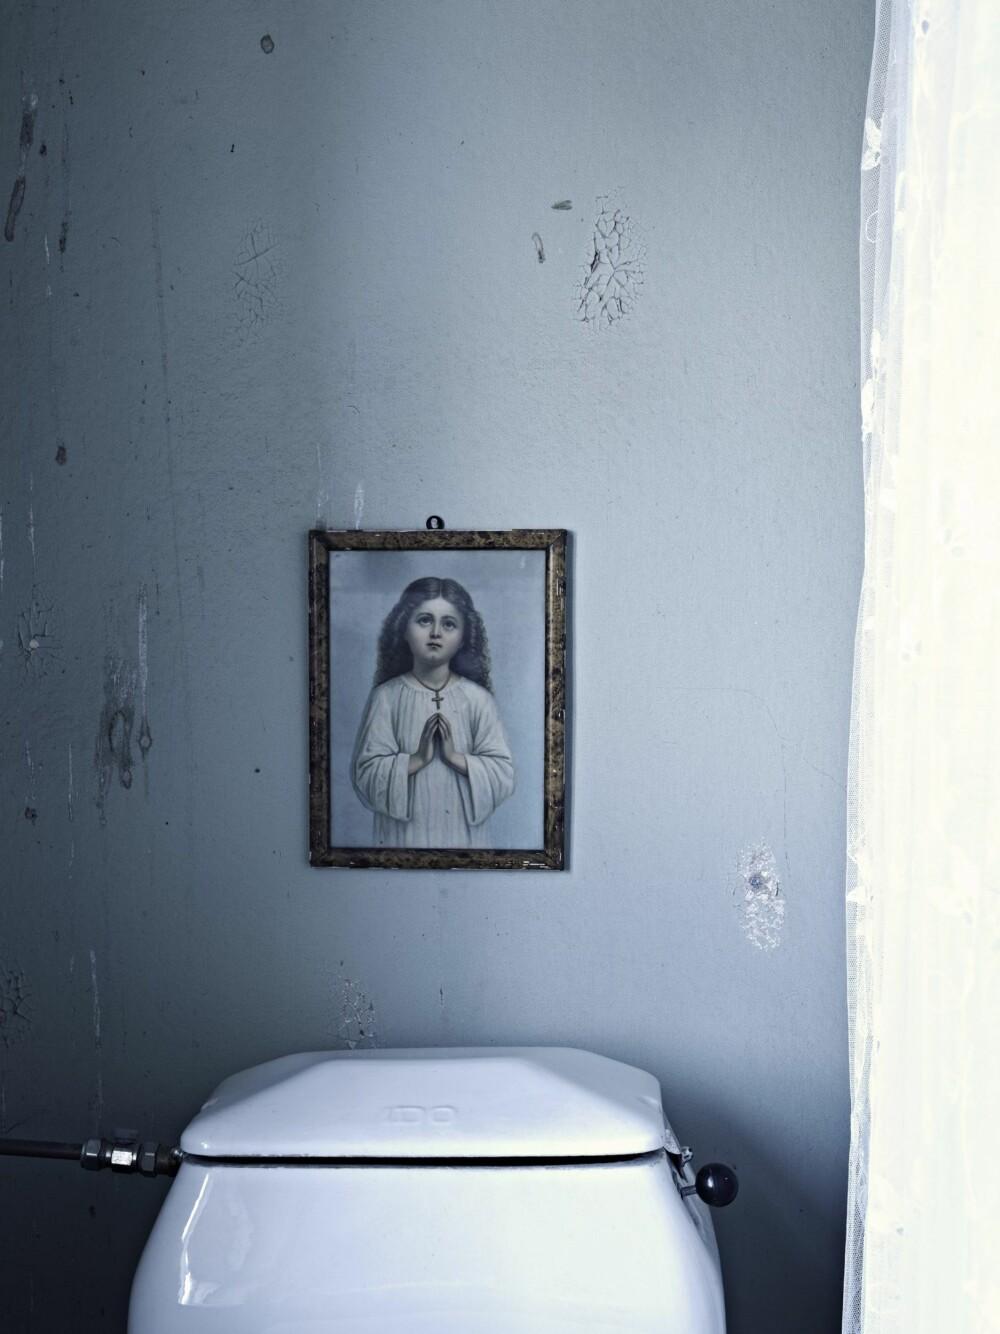 ENGLEVAKT: Over toalettet henger et lite bilde av en engel, nok et bruktfunn.